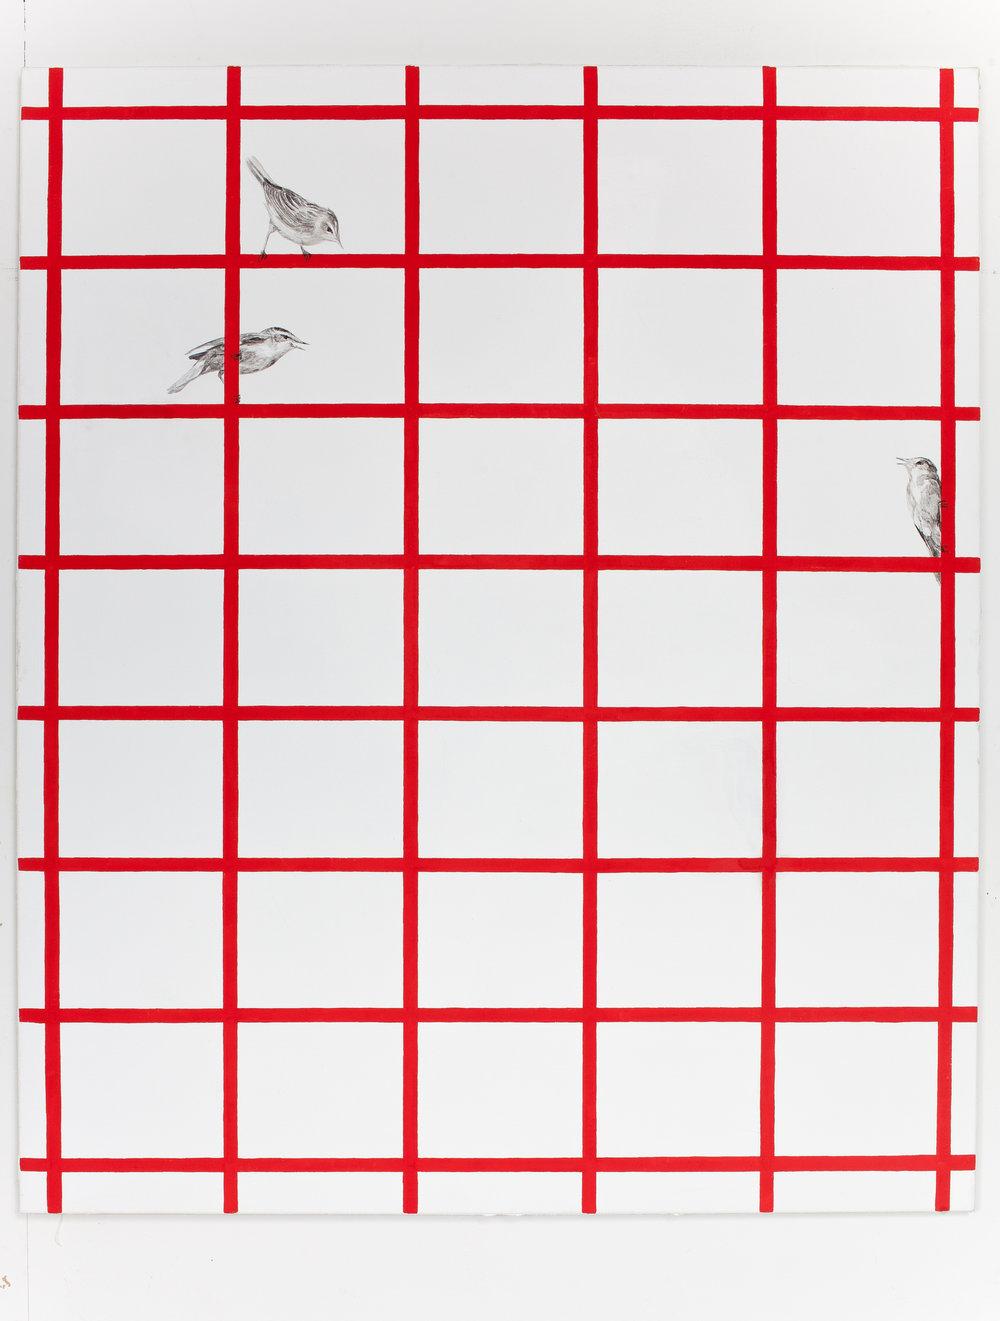 Päivi Takala, Birds on grid, 2016.120x100 cm, oil on canvas. Courtesy the artist